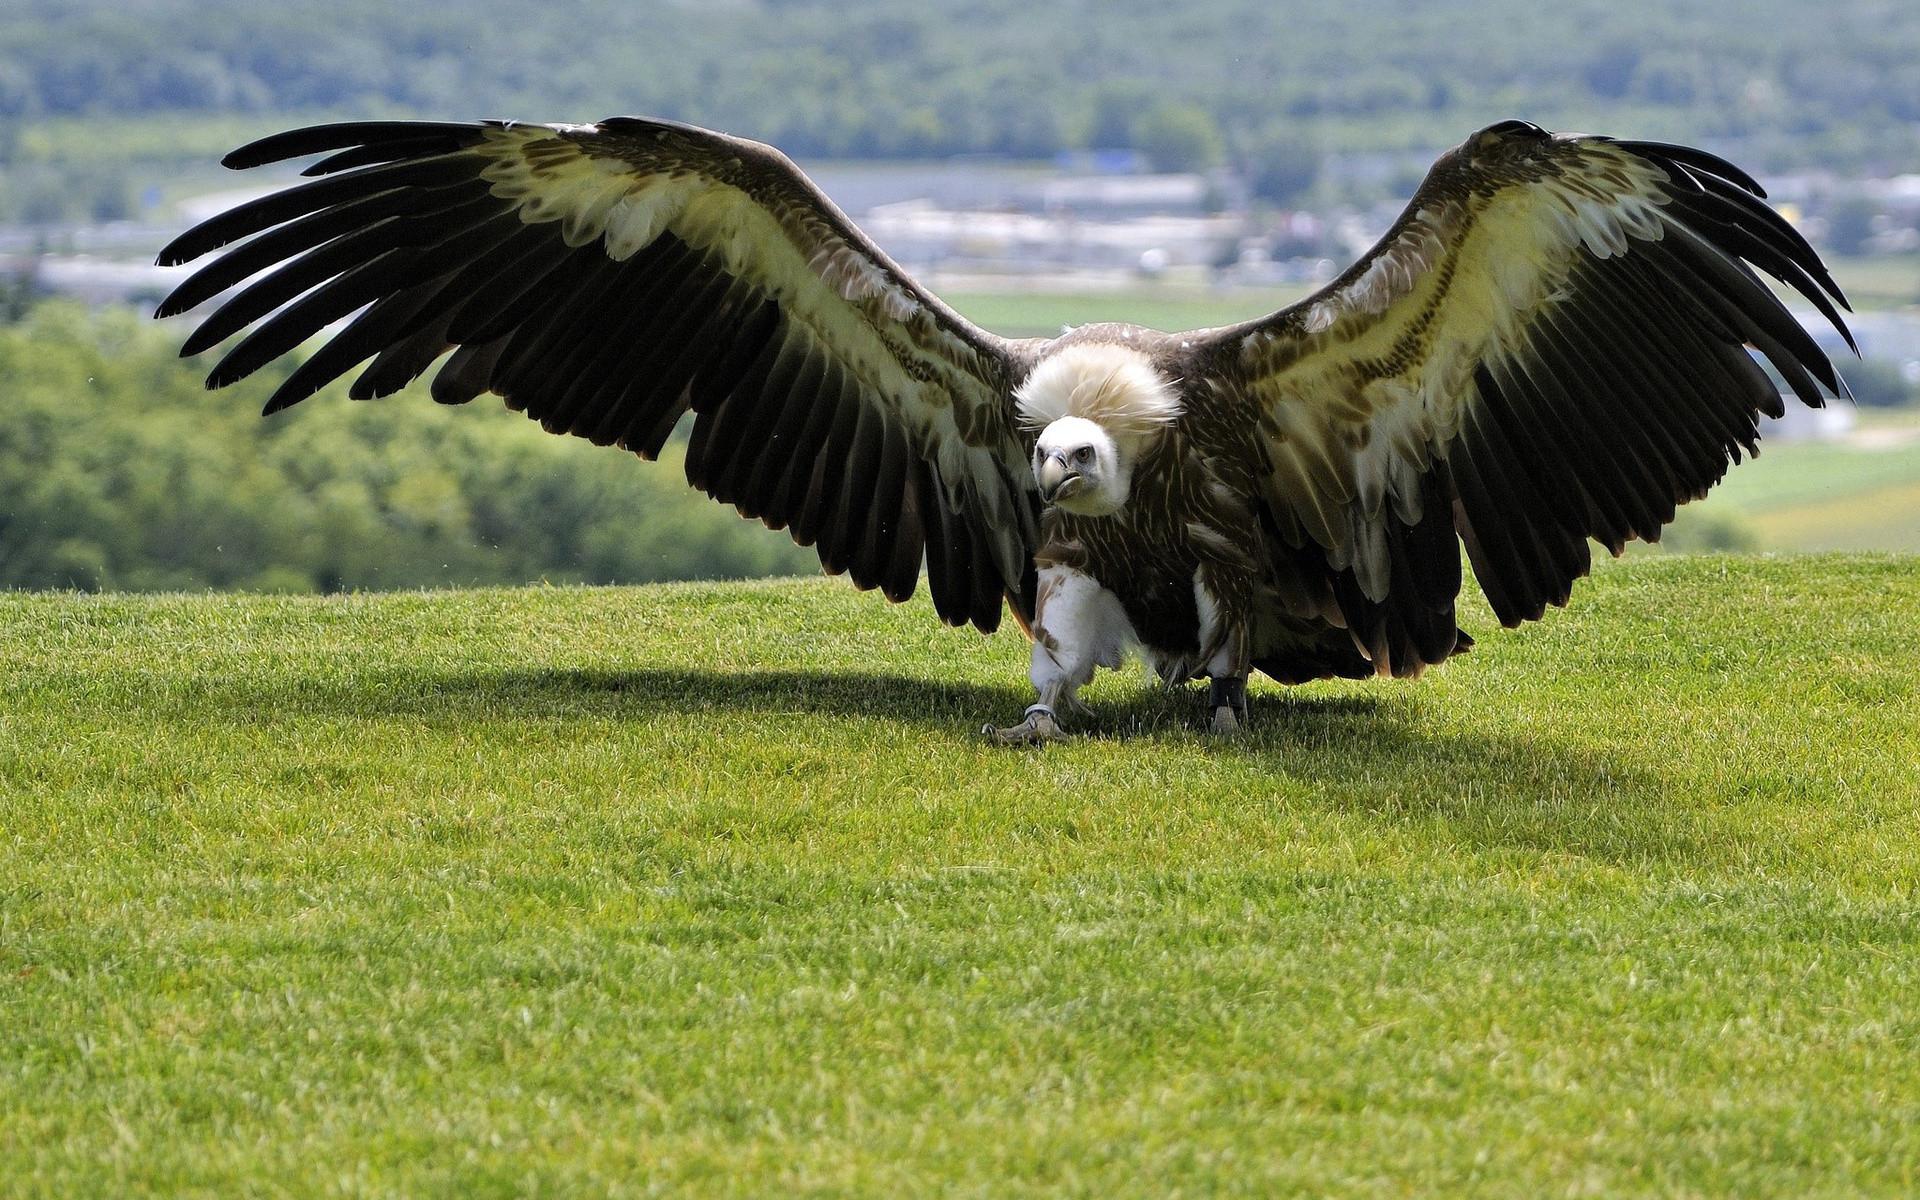 него картинки самых больших птиц в мире сазана духовке, без